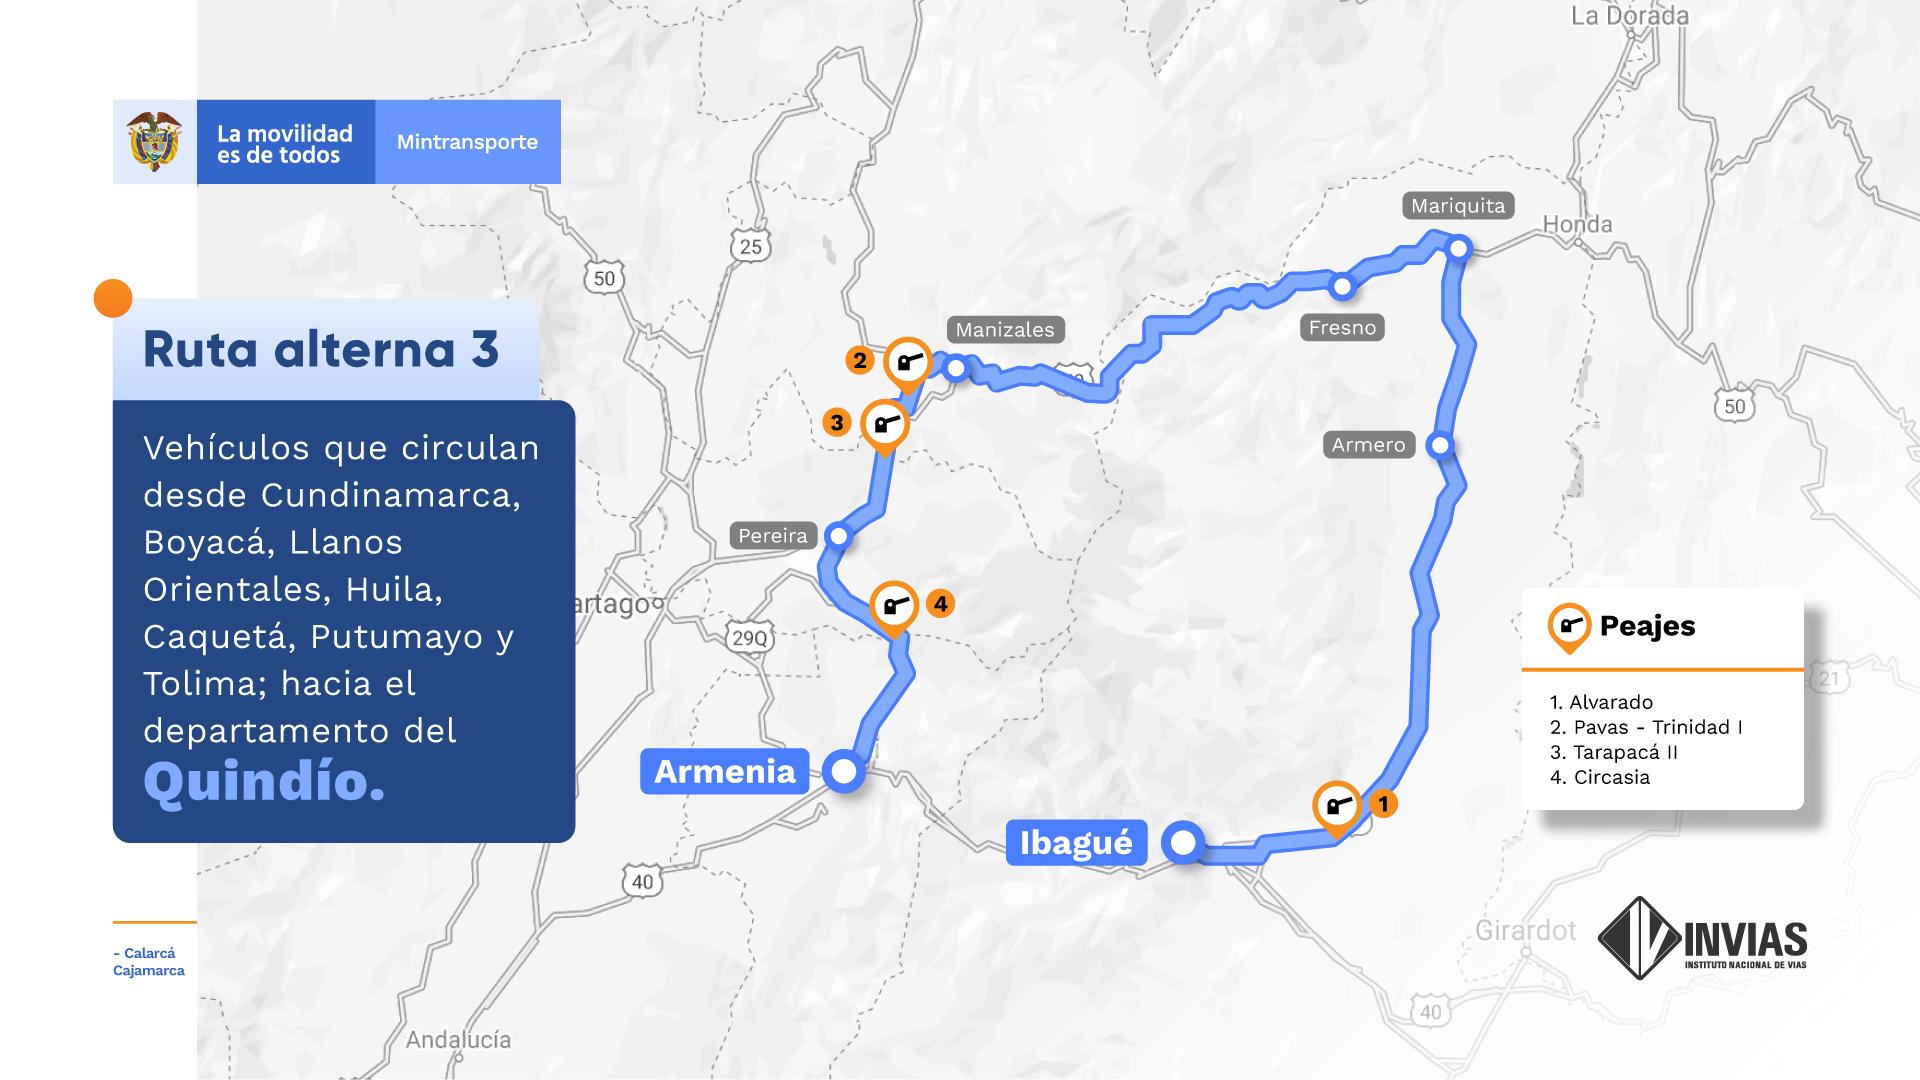 Ilustración Ruta alterna 1 - Cundinamarca - Quindío